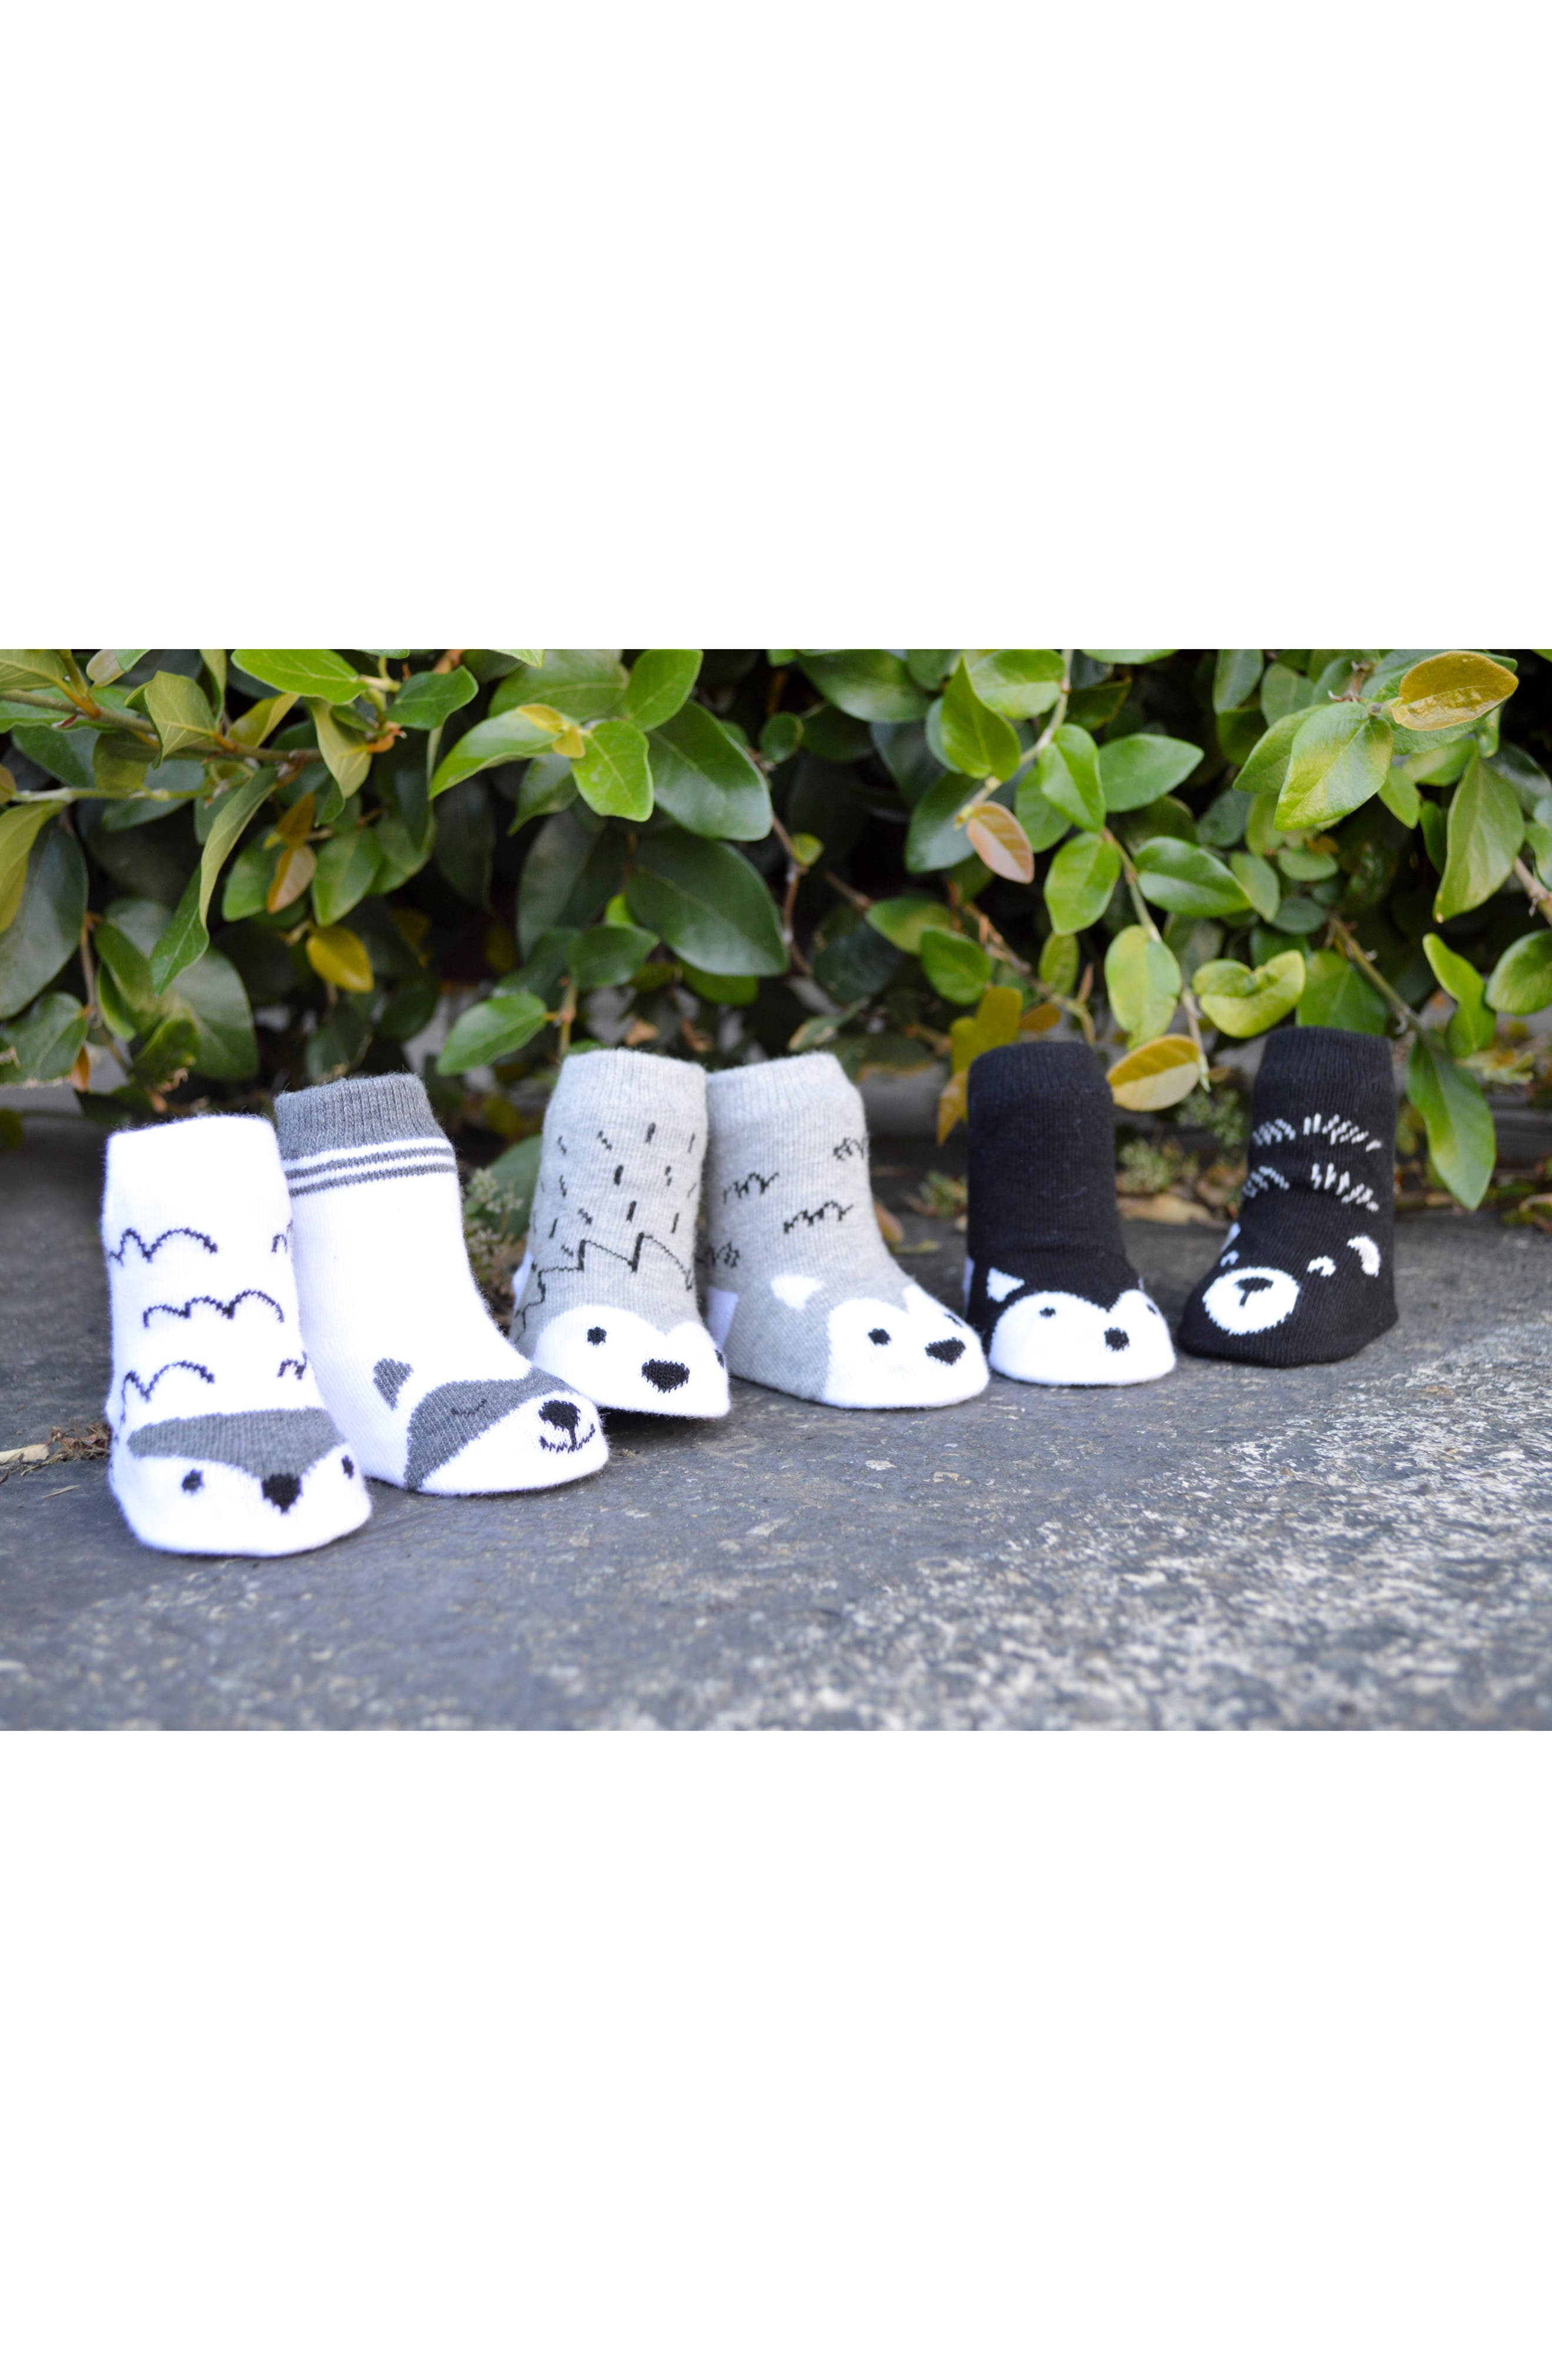 Little Adventurer 6-Pack Socks,                             Alternate thumbnail 2, color,                             020